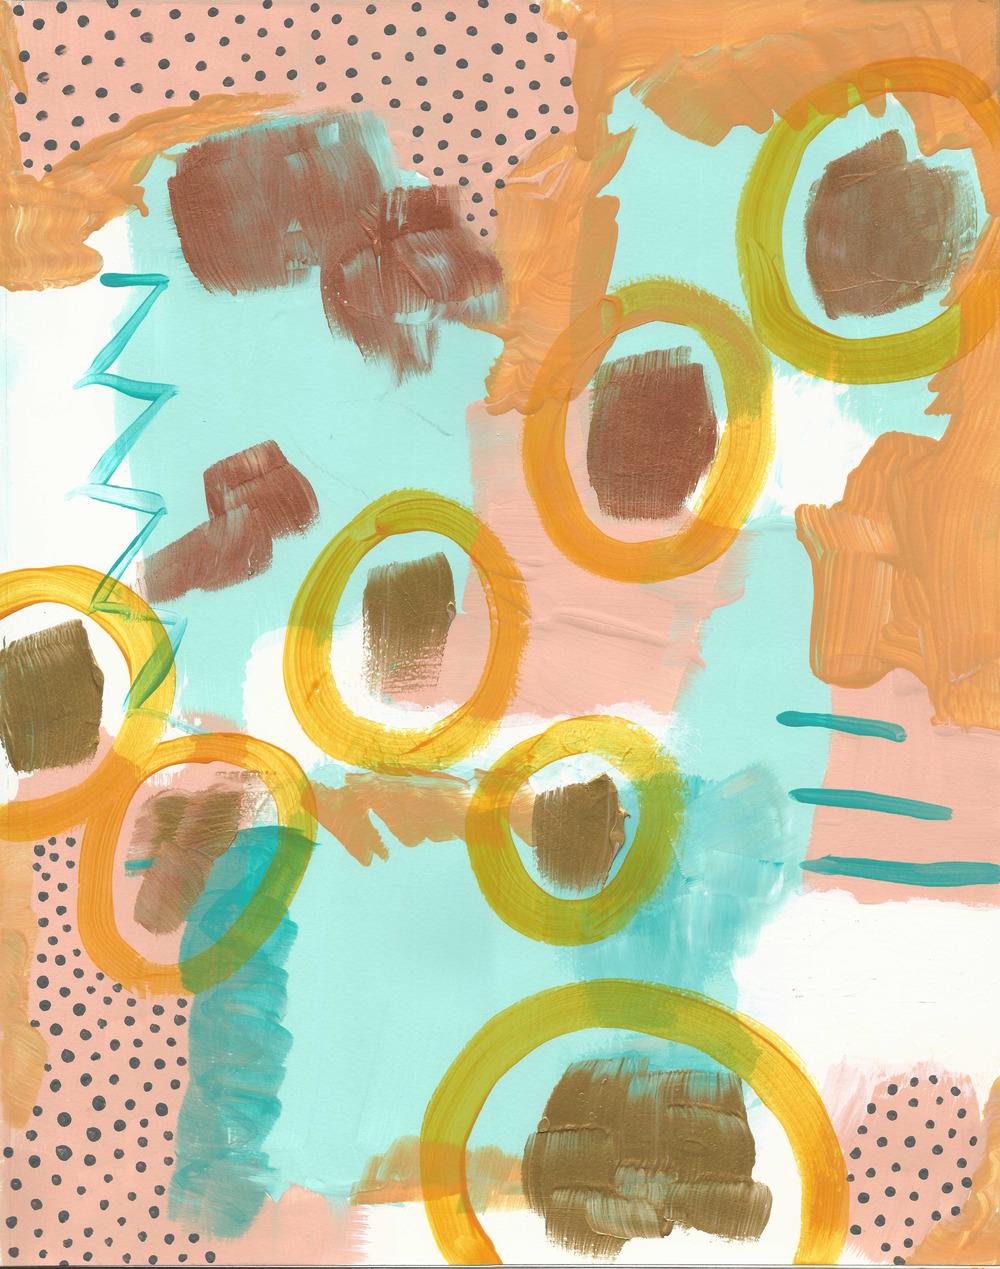 piecy cirly dot  11x14 paper.jpg